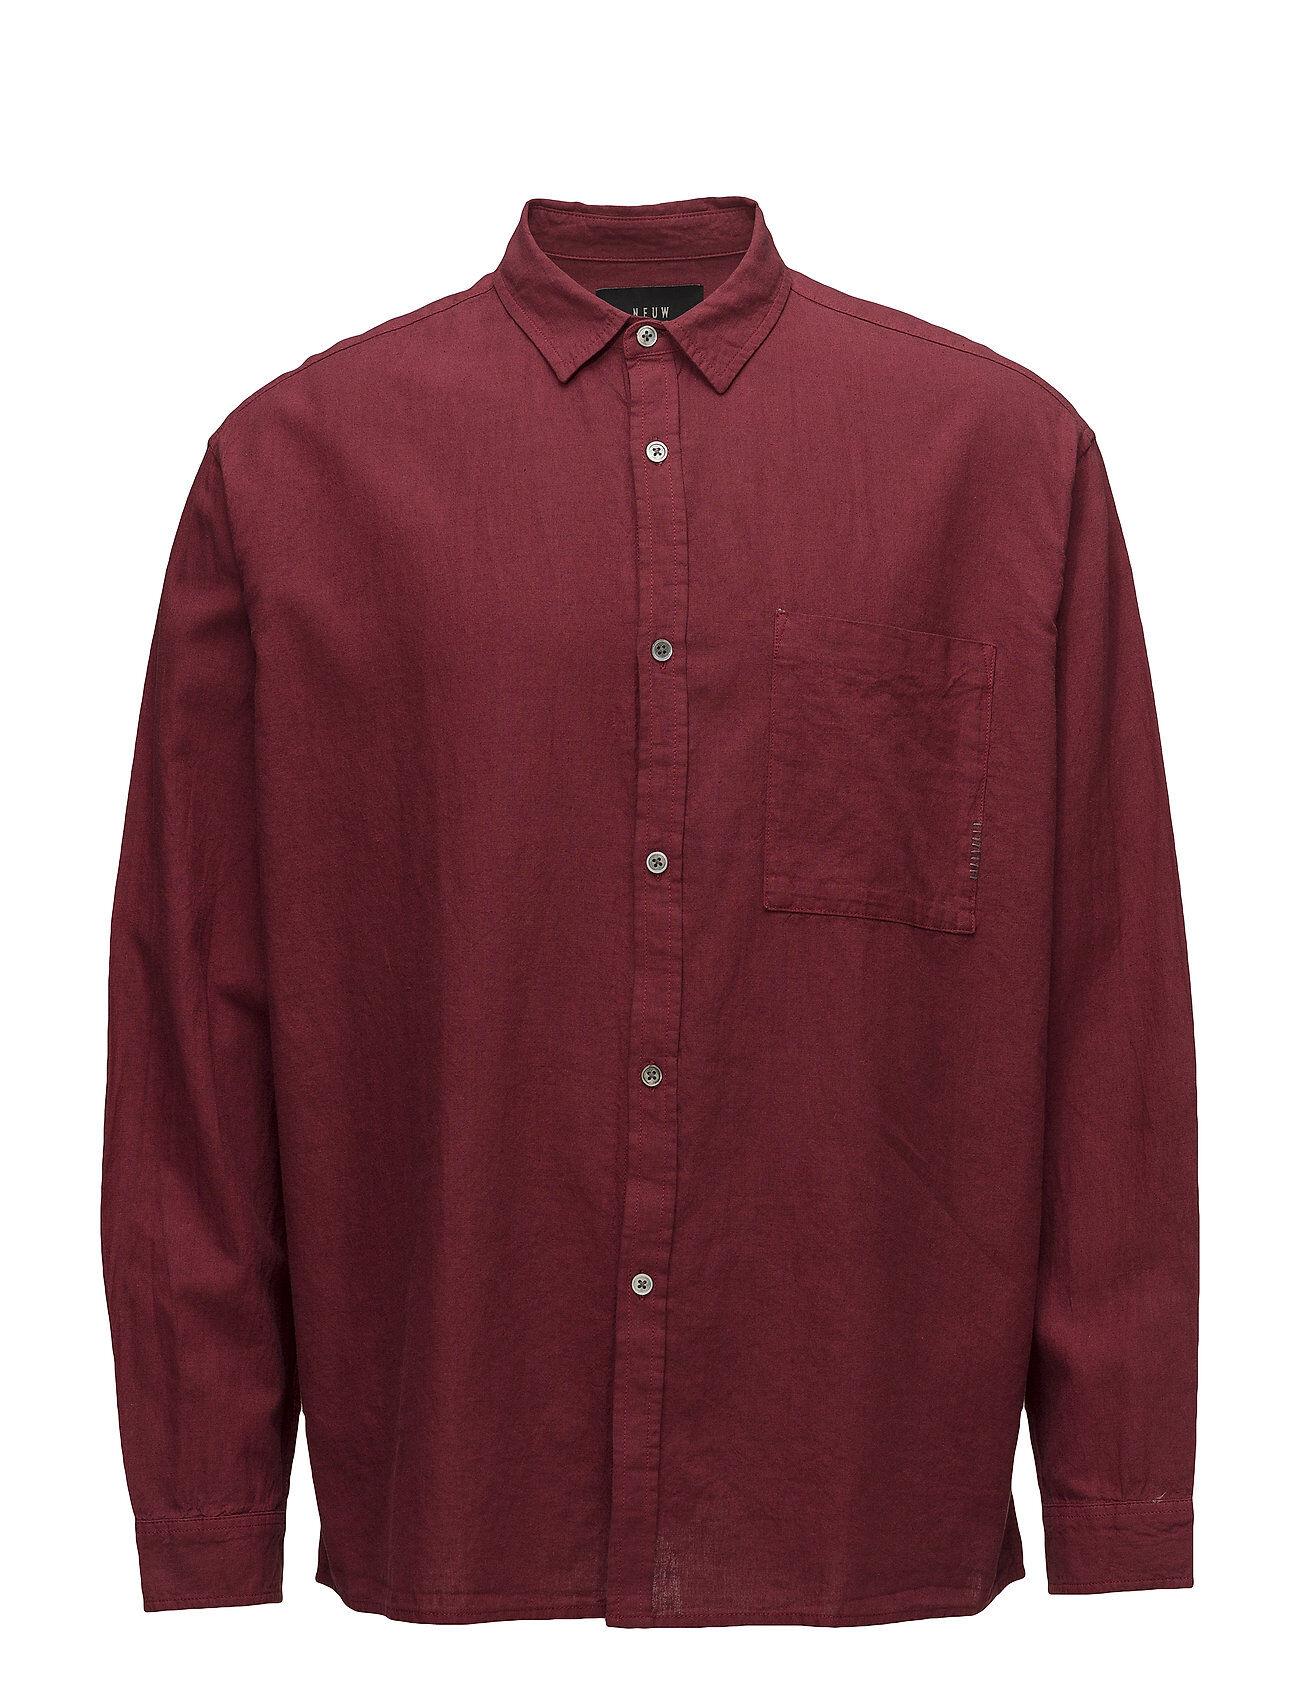 NEUW Relaxed L/S Shirt